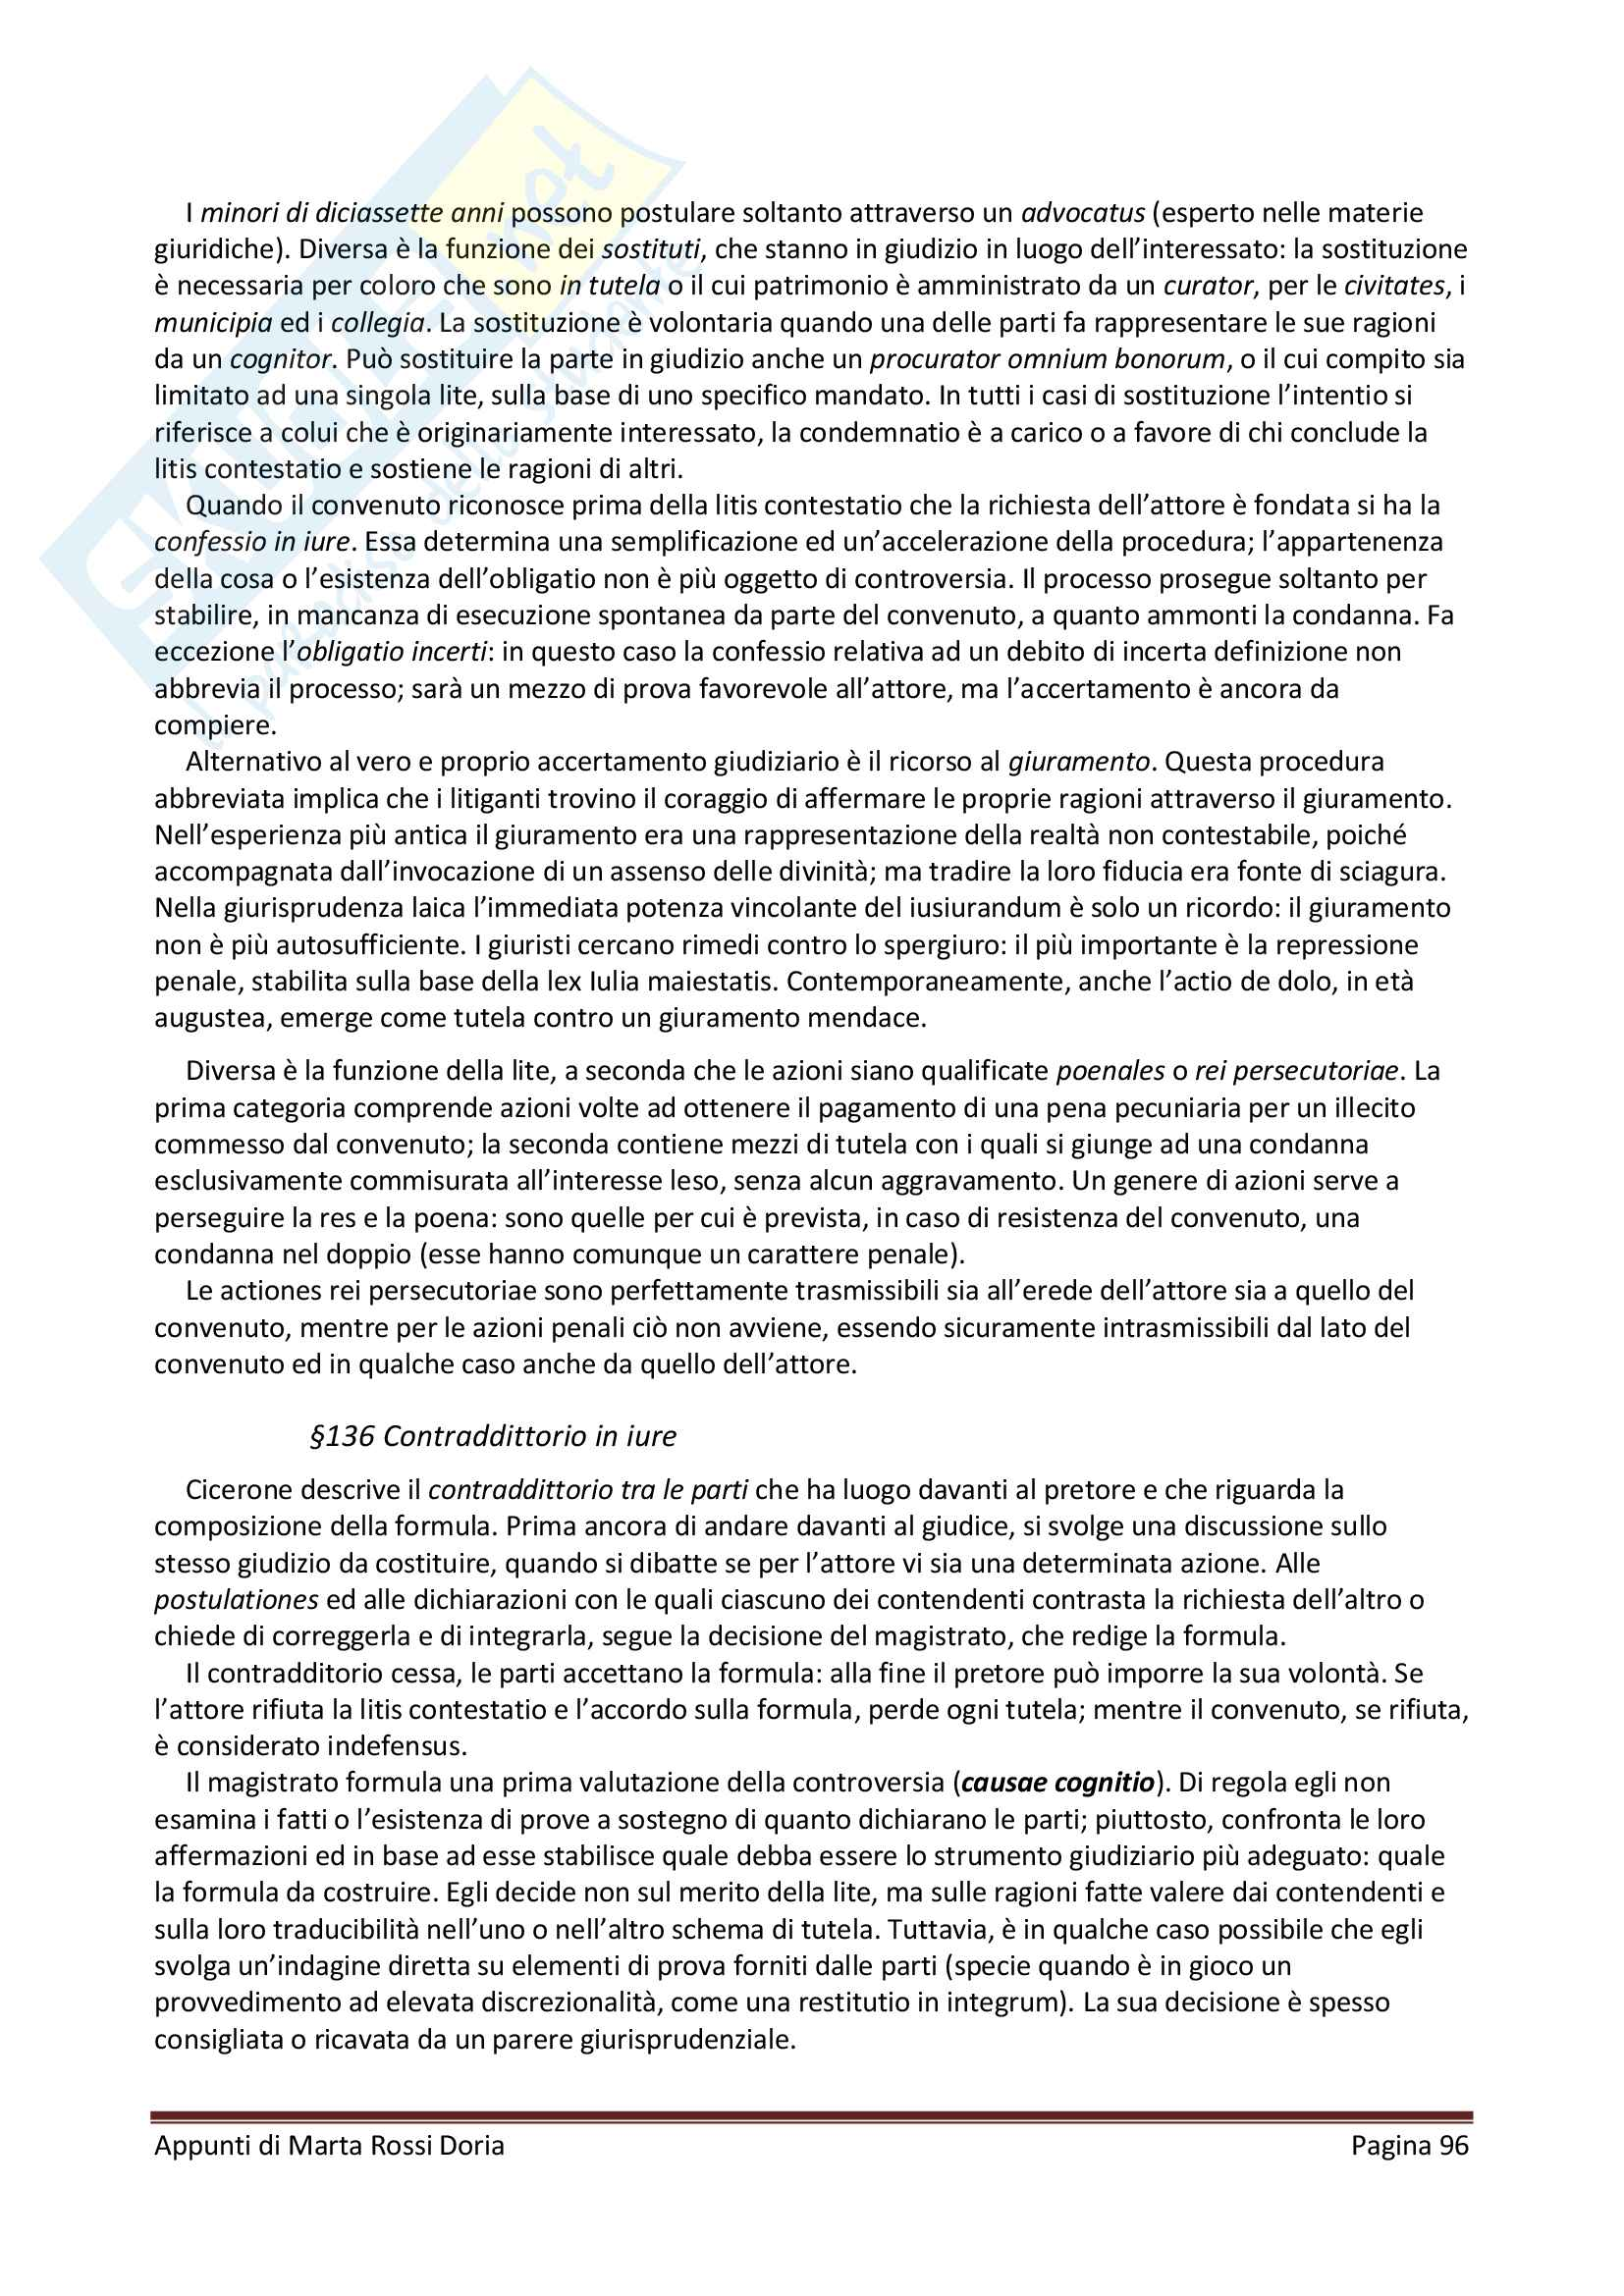 """Riassunto esame Istituzioni di Diritto Romano, docente Brutti, libro consigliato """"Il Diritto Privato nell'antica Roma"""", Massimo Brutti Pag. 96"""